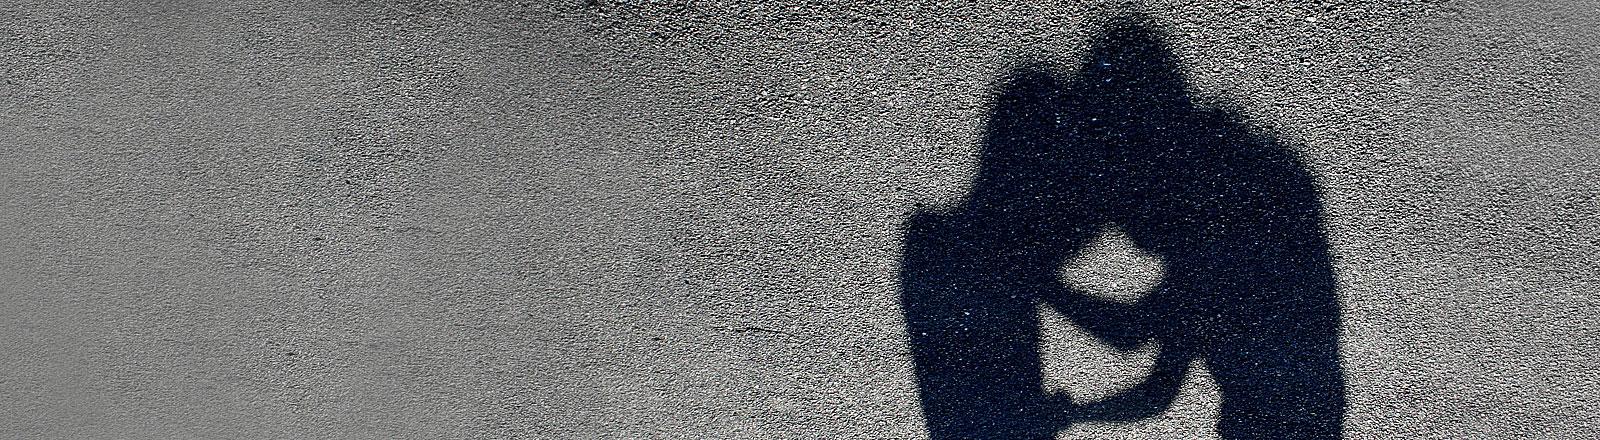 Schatten zweier raufender Menschen